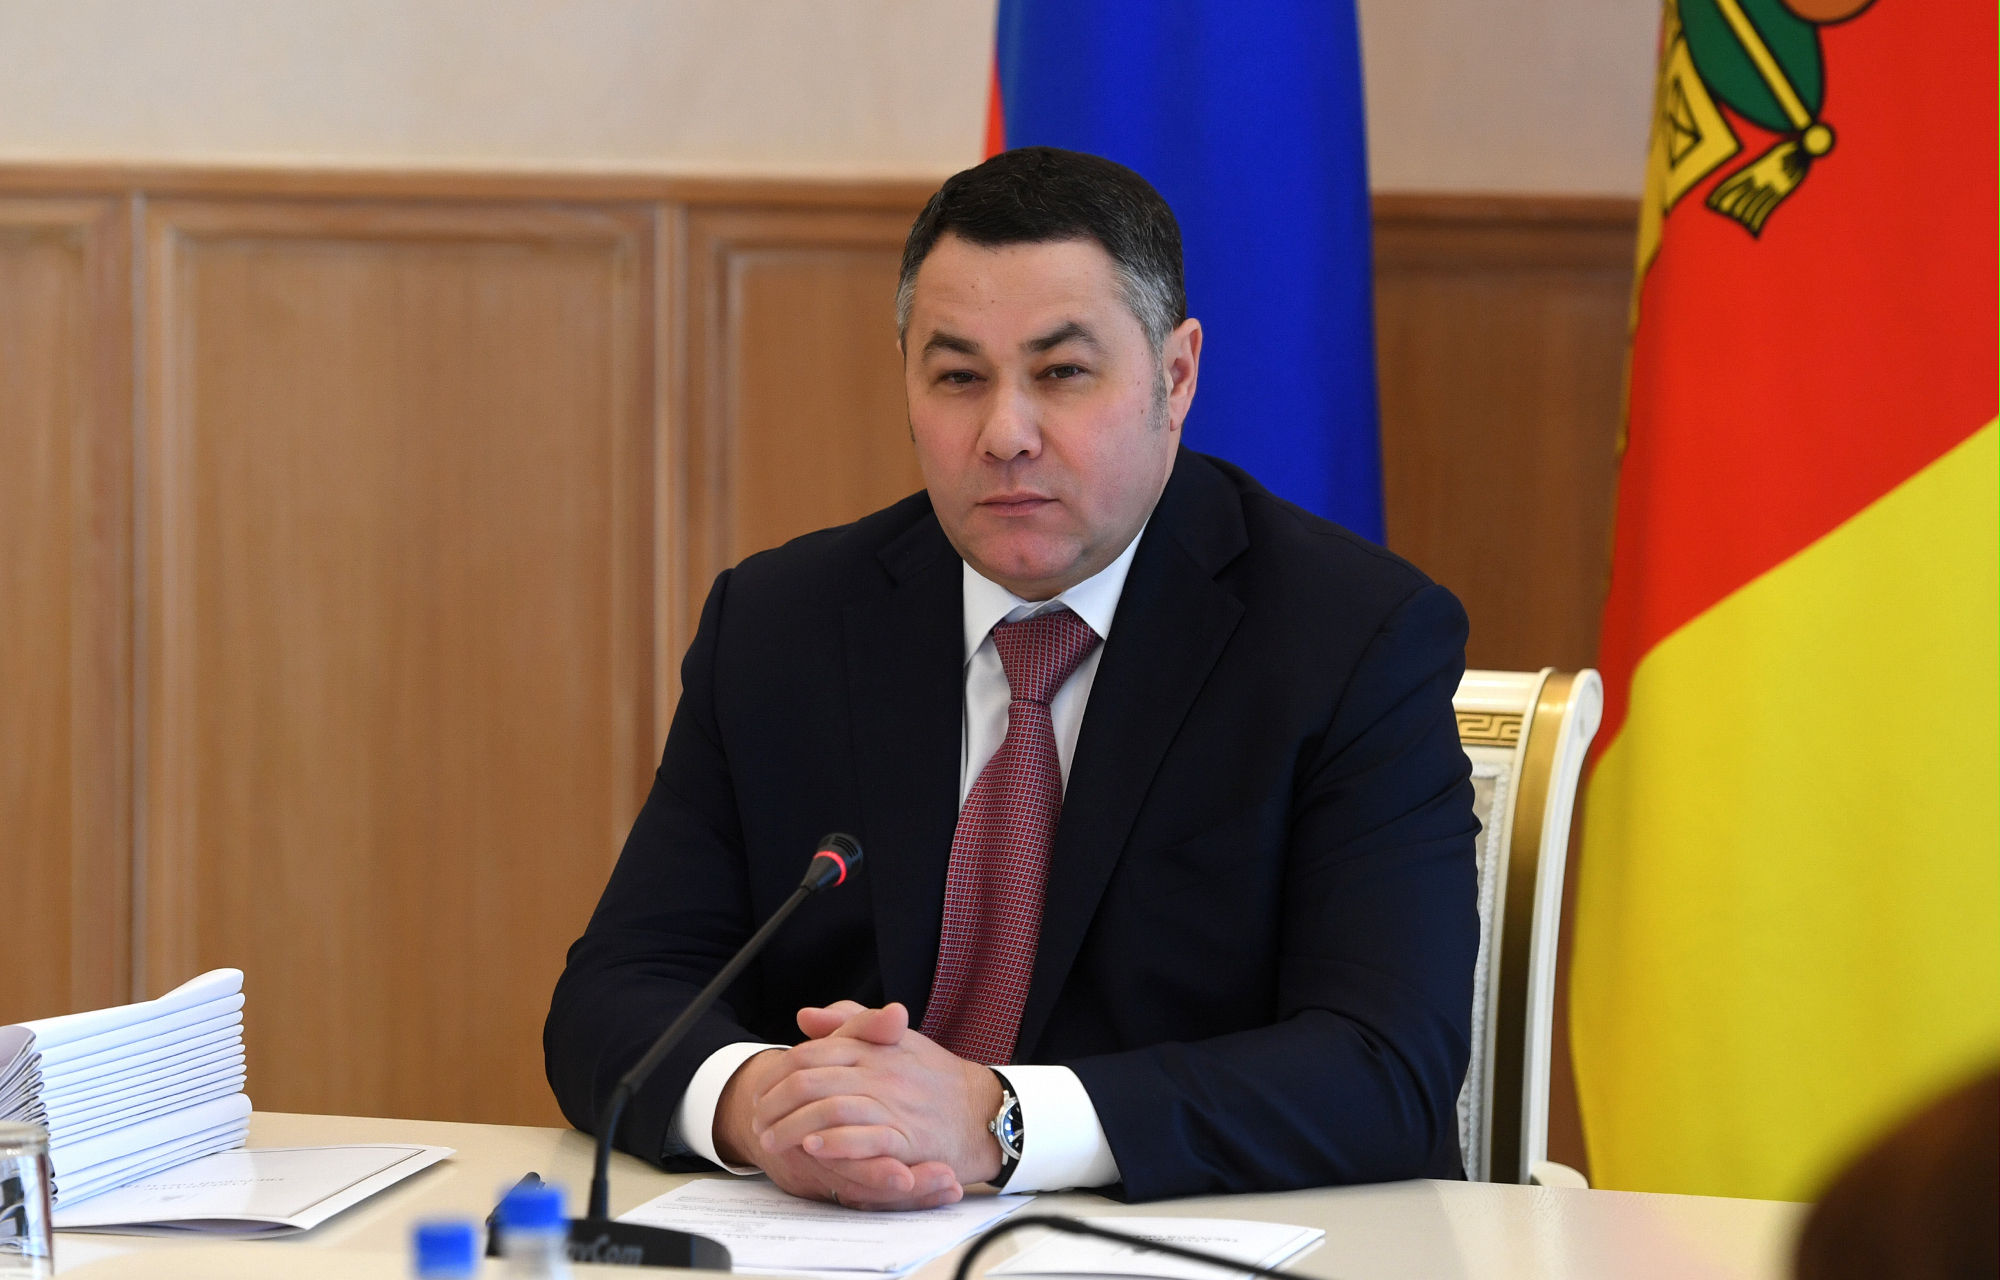 Губернатор поручил учитывать объекты газификации при актуализировании генеральных планов сельских поселений